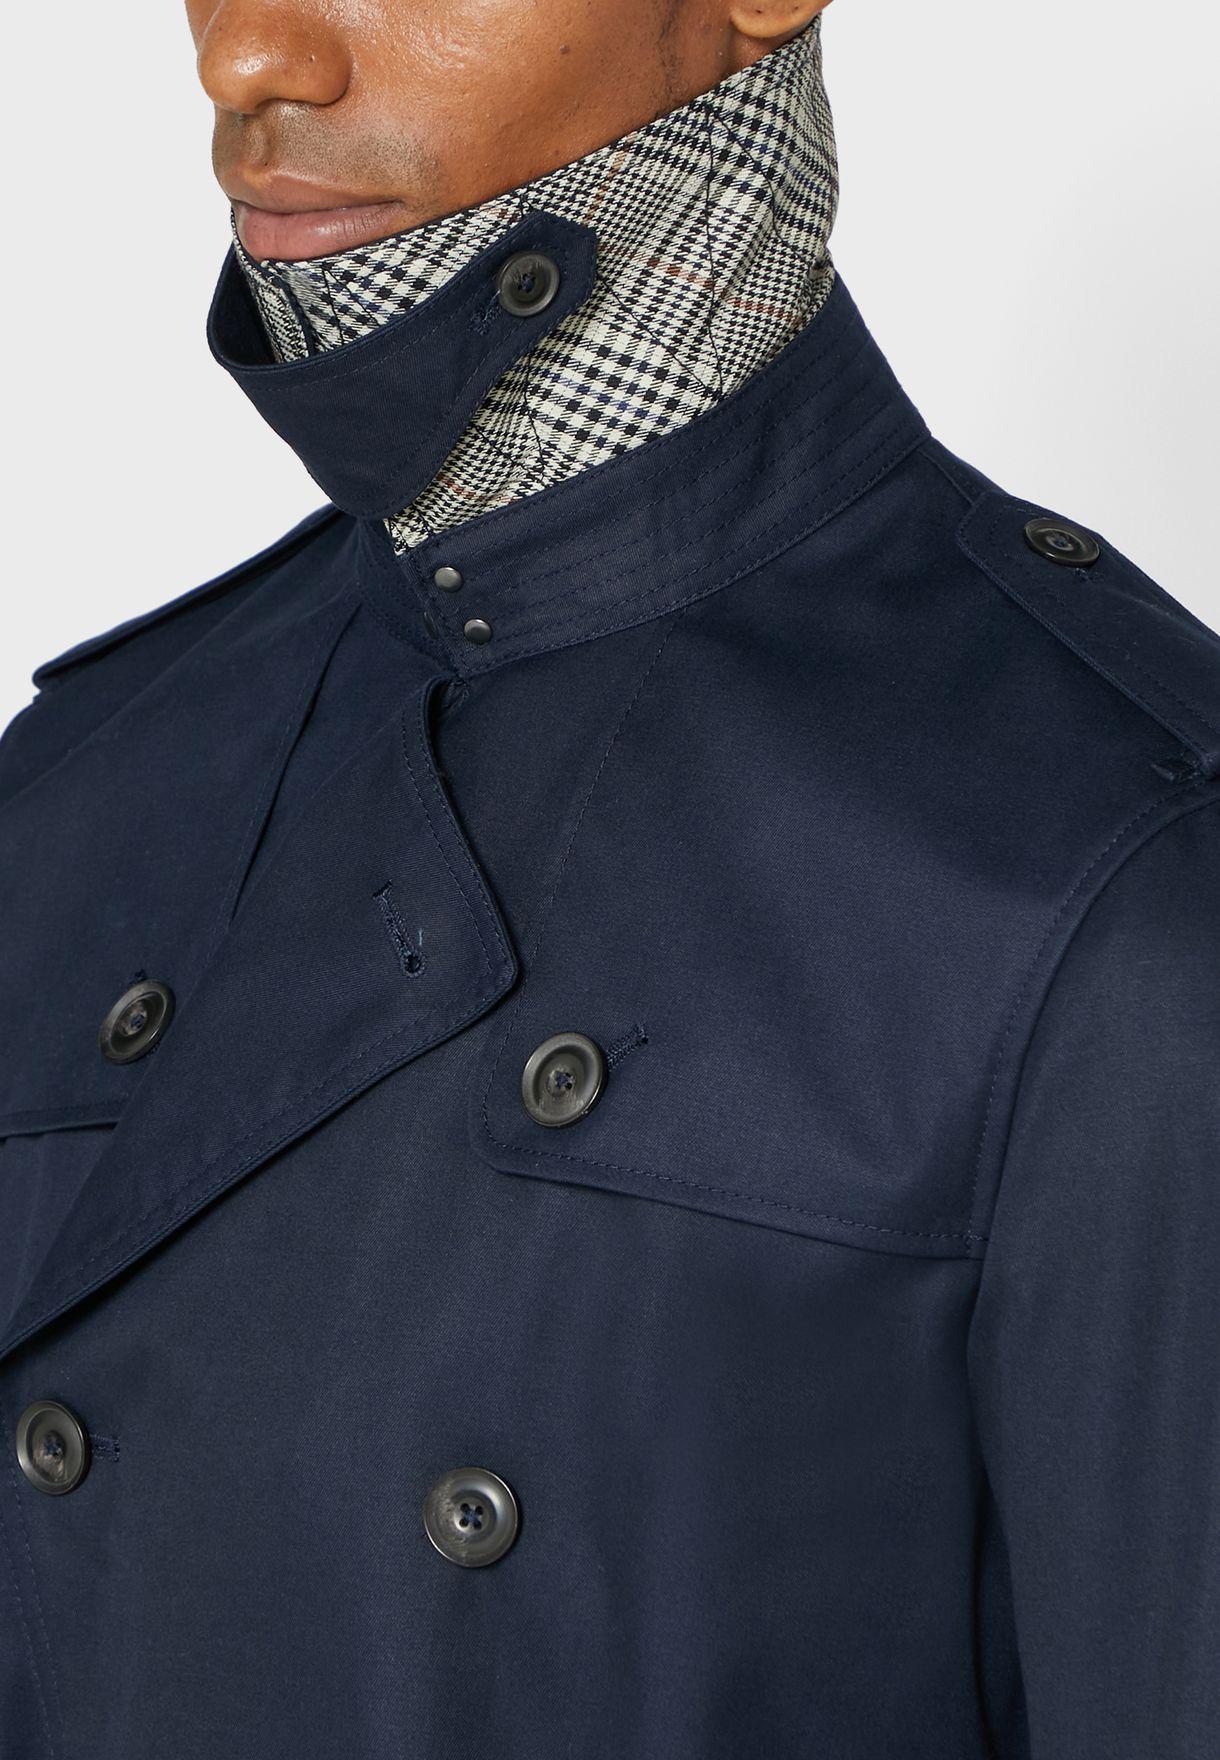 معطف طويل مع حزام خصر